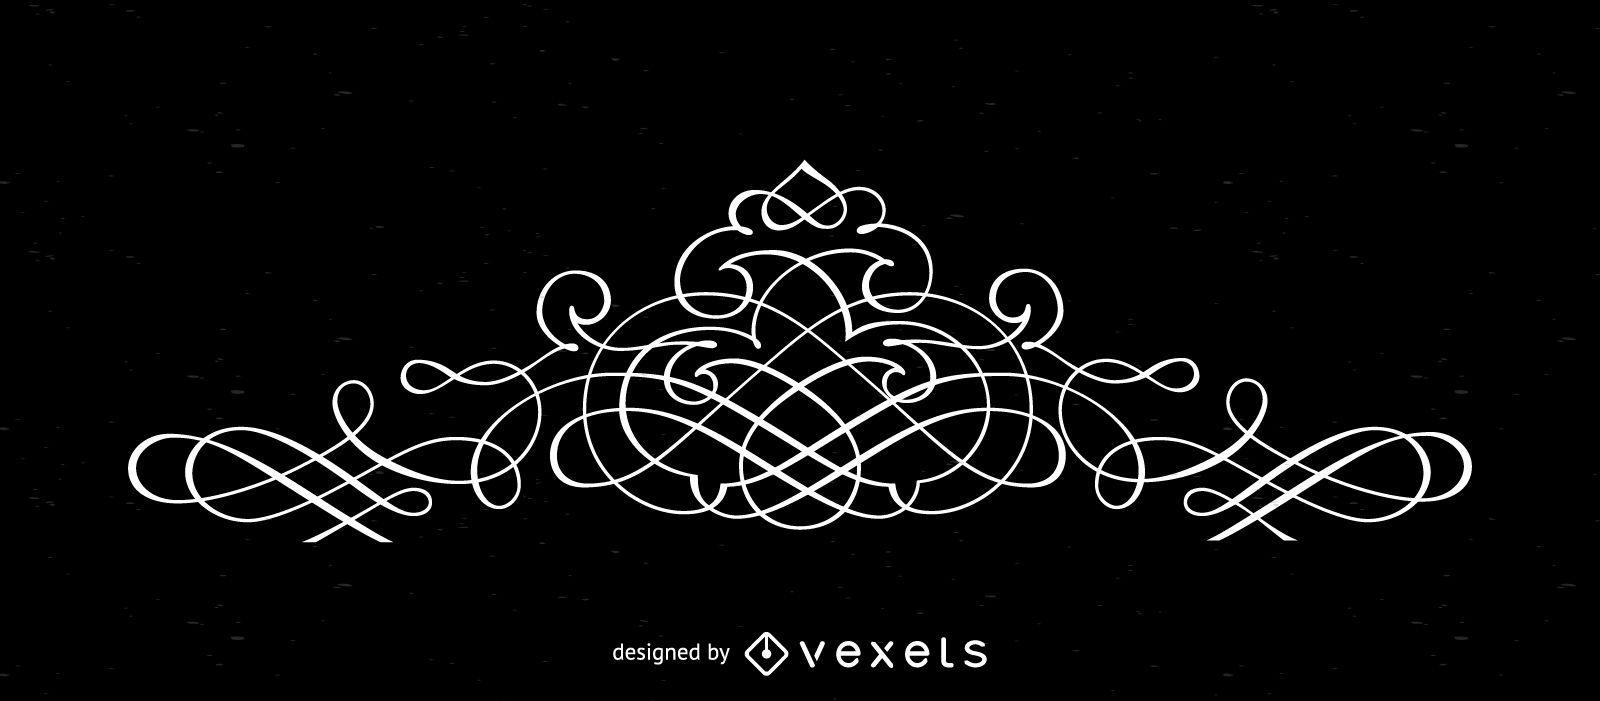 Elegante elemento de marco superior - Descargar vector